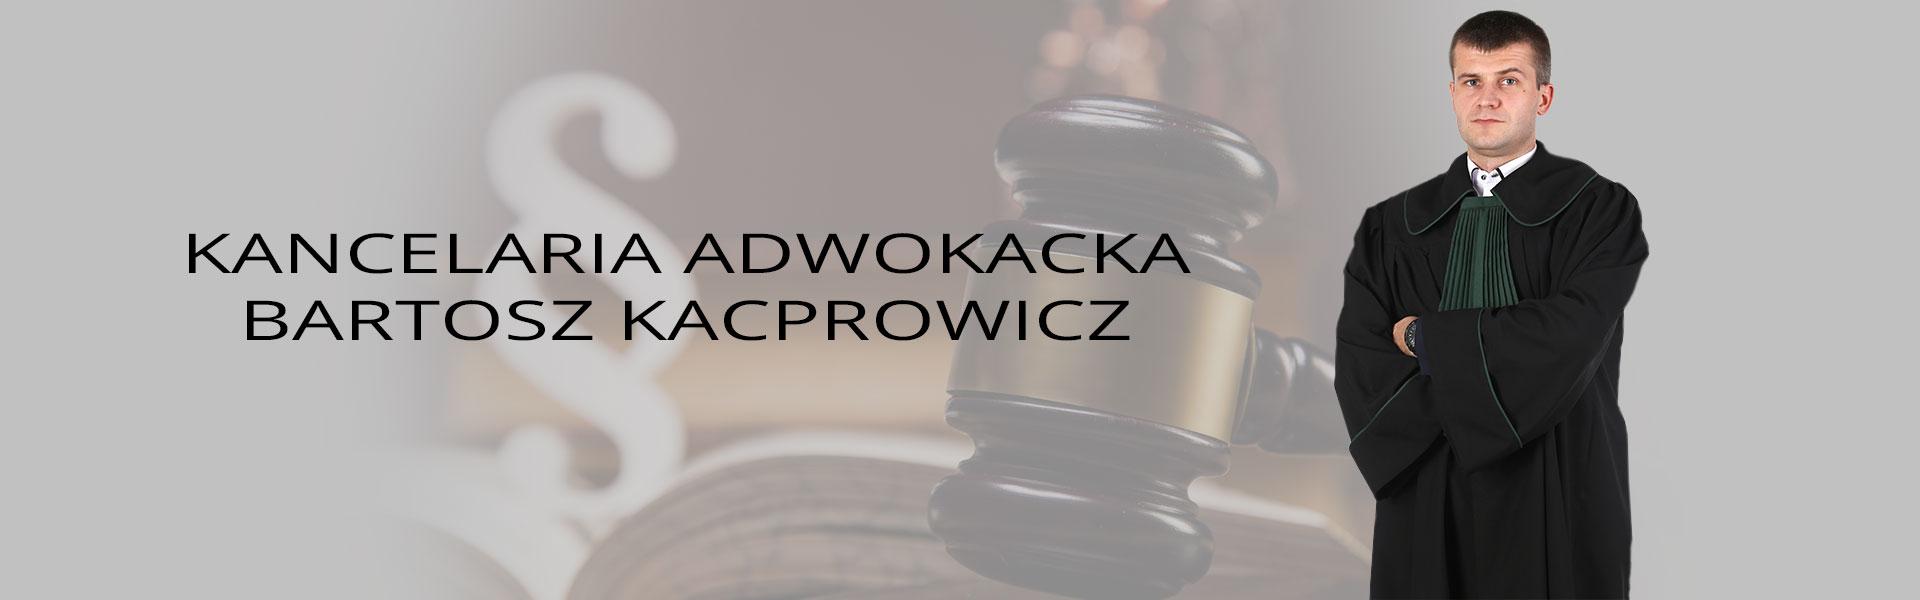 Adwokat Bartosz Kacprowicz